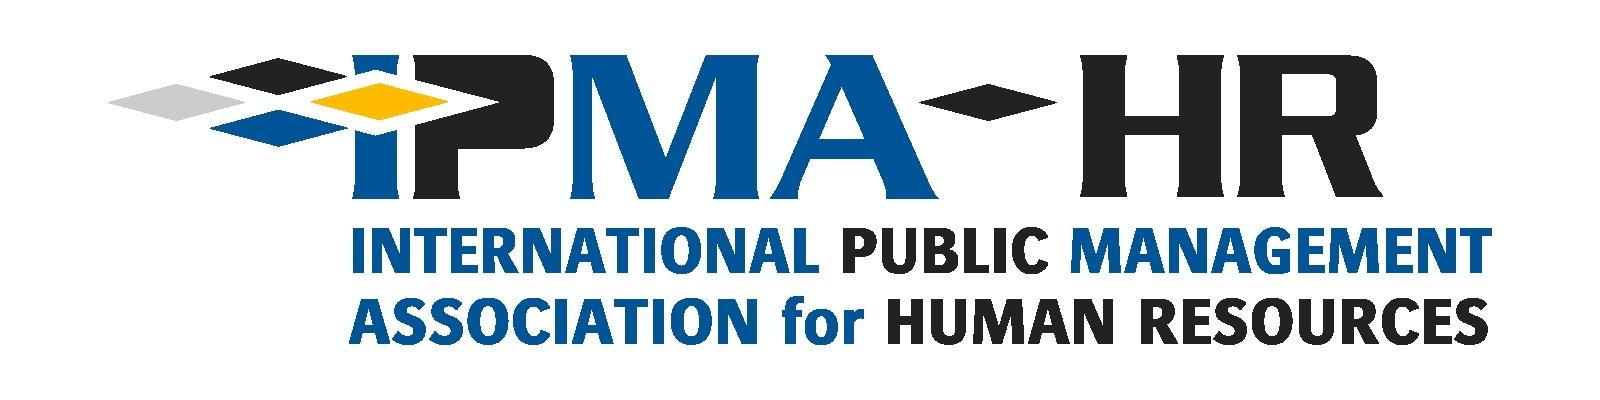 IPMA_HR.jpg